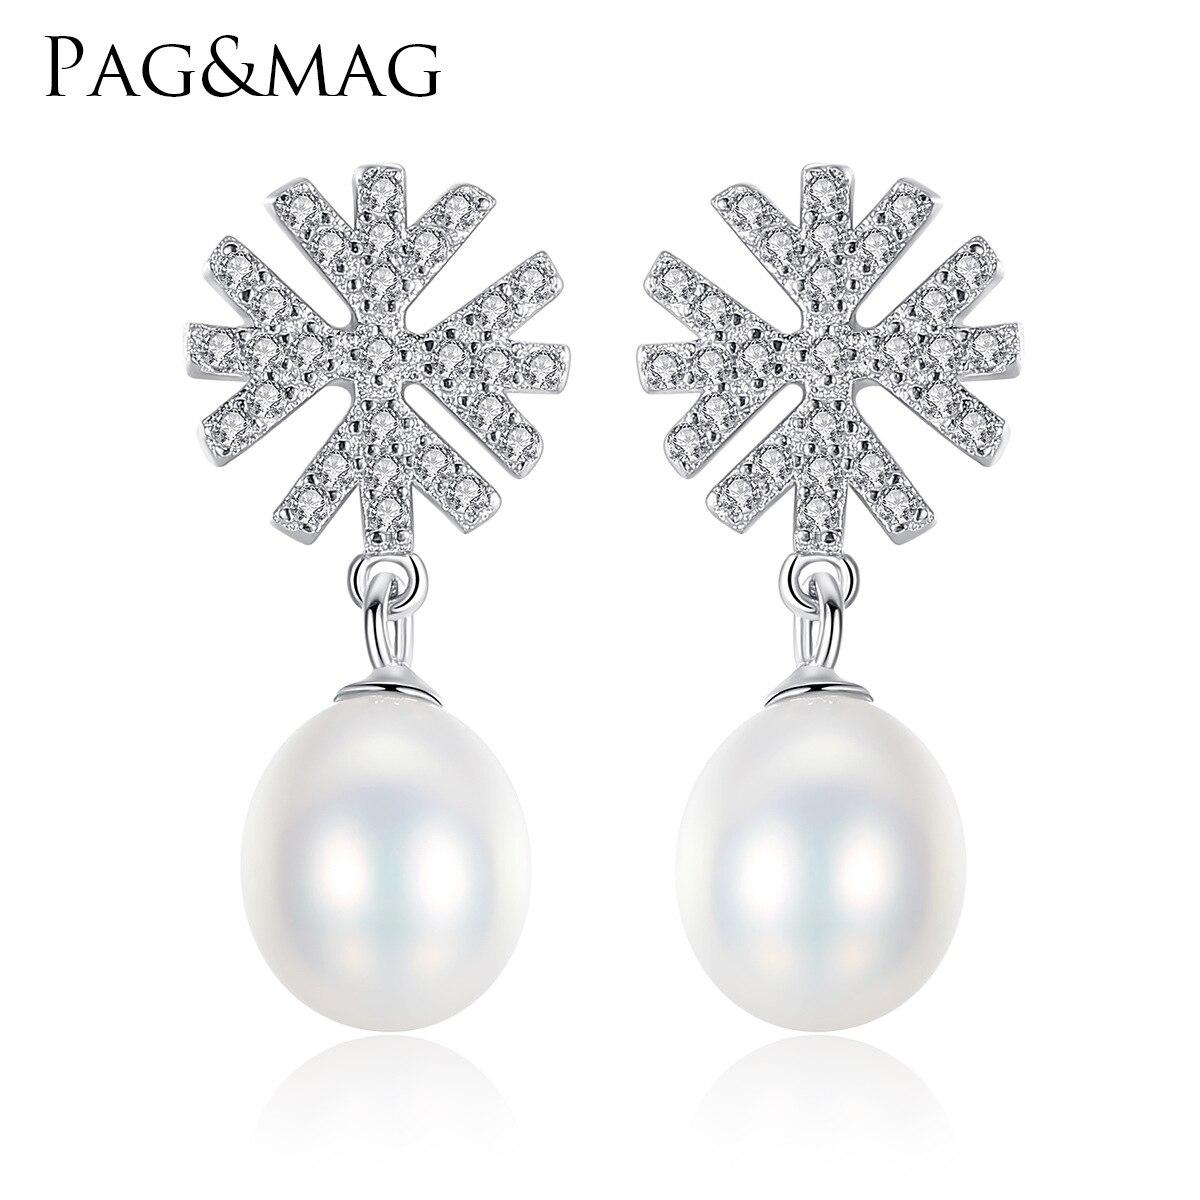 PAG&MAG romántica copo de nieve S925 oreja de plata pura con 3A zirconia perla de agua dulce oreja Decoración